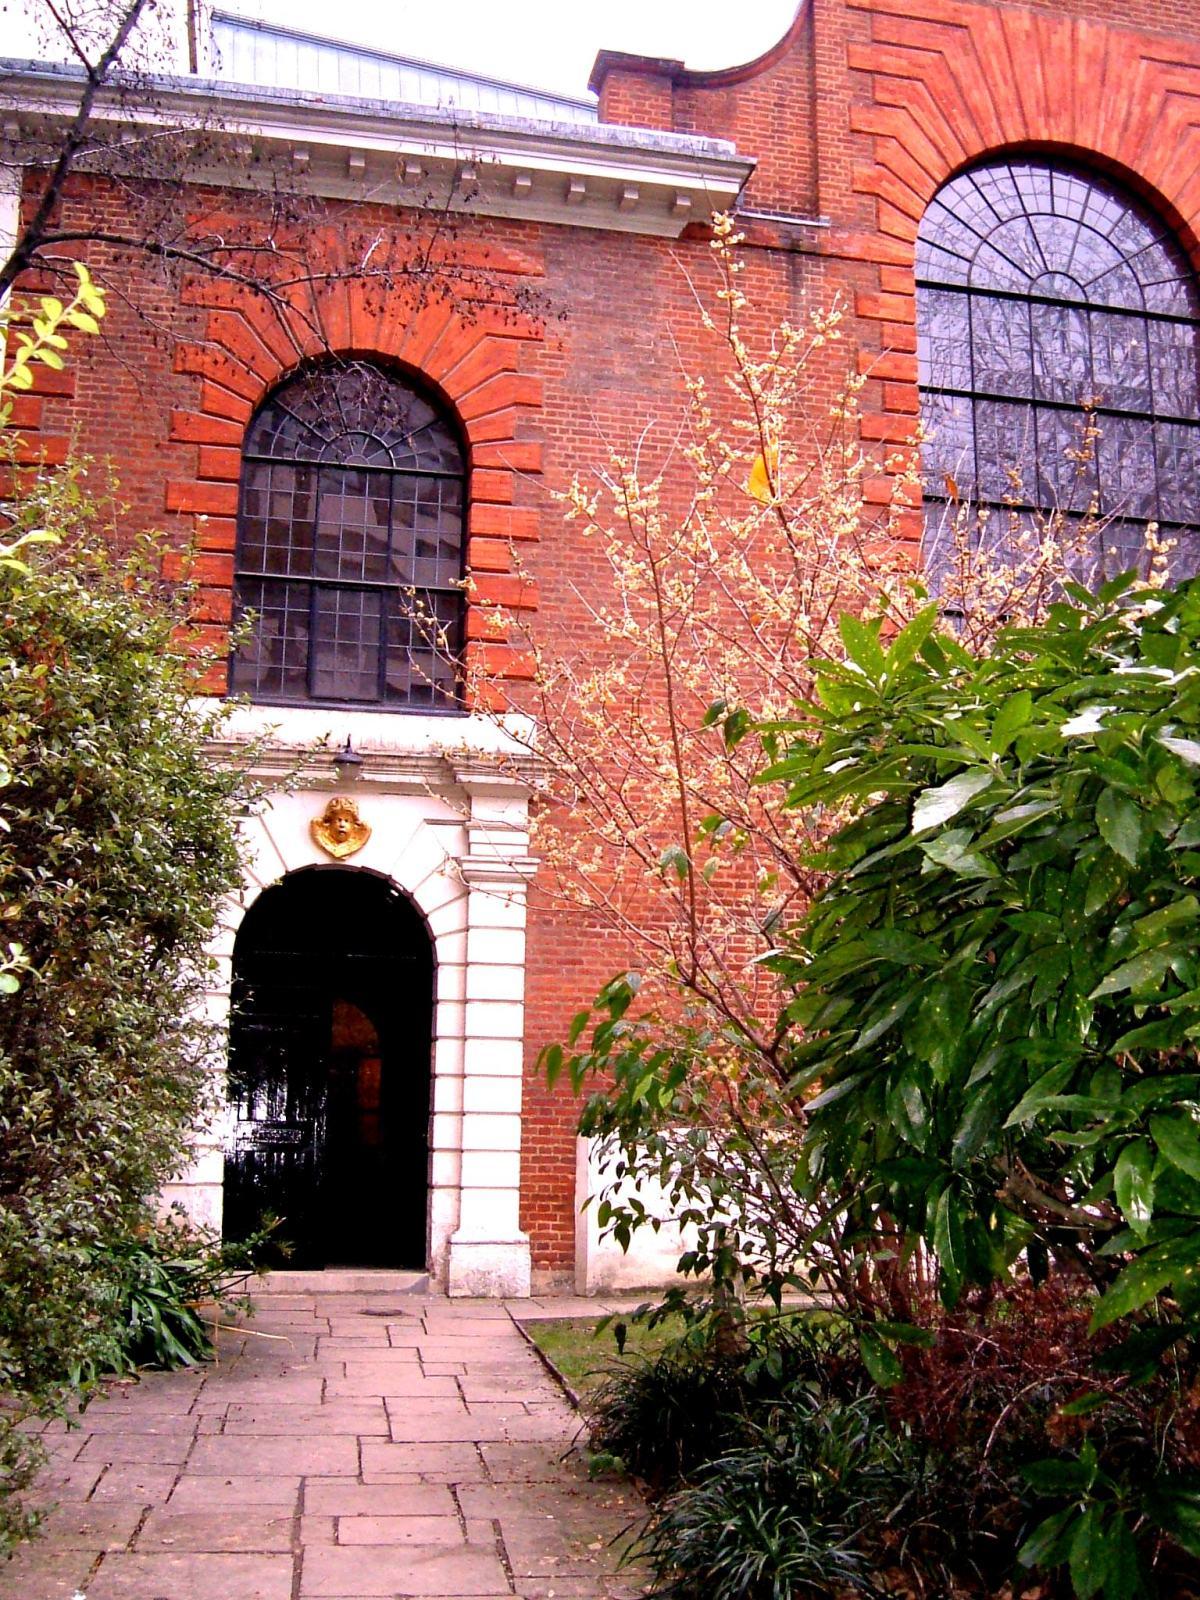 St Anne & St Agnes Lutheran Church in Gresham Street